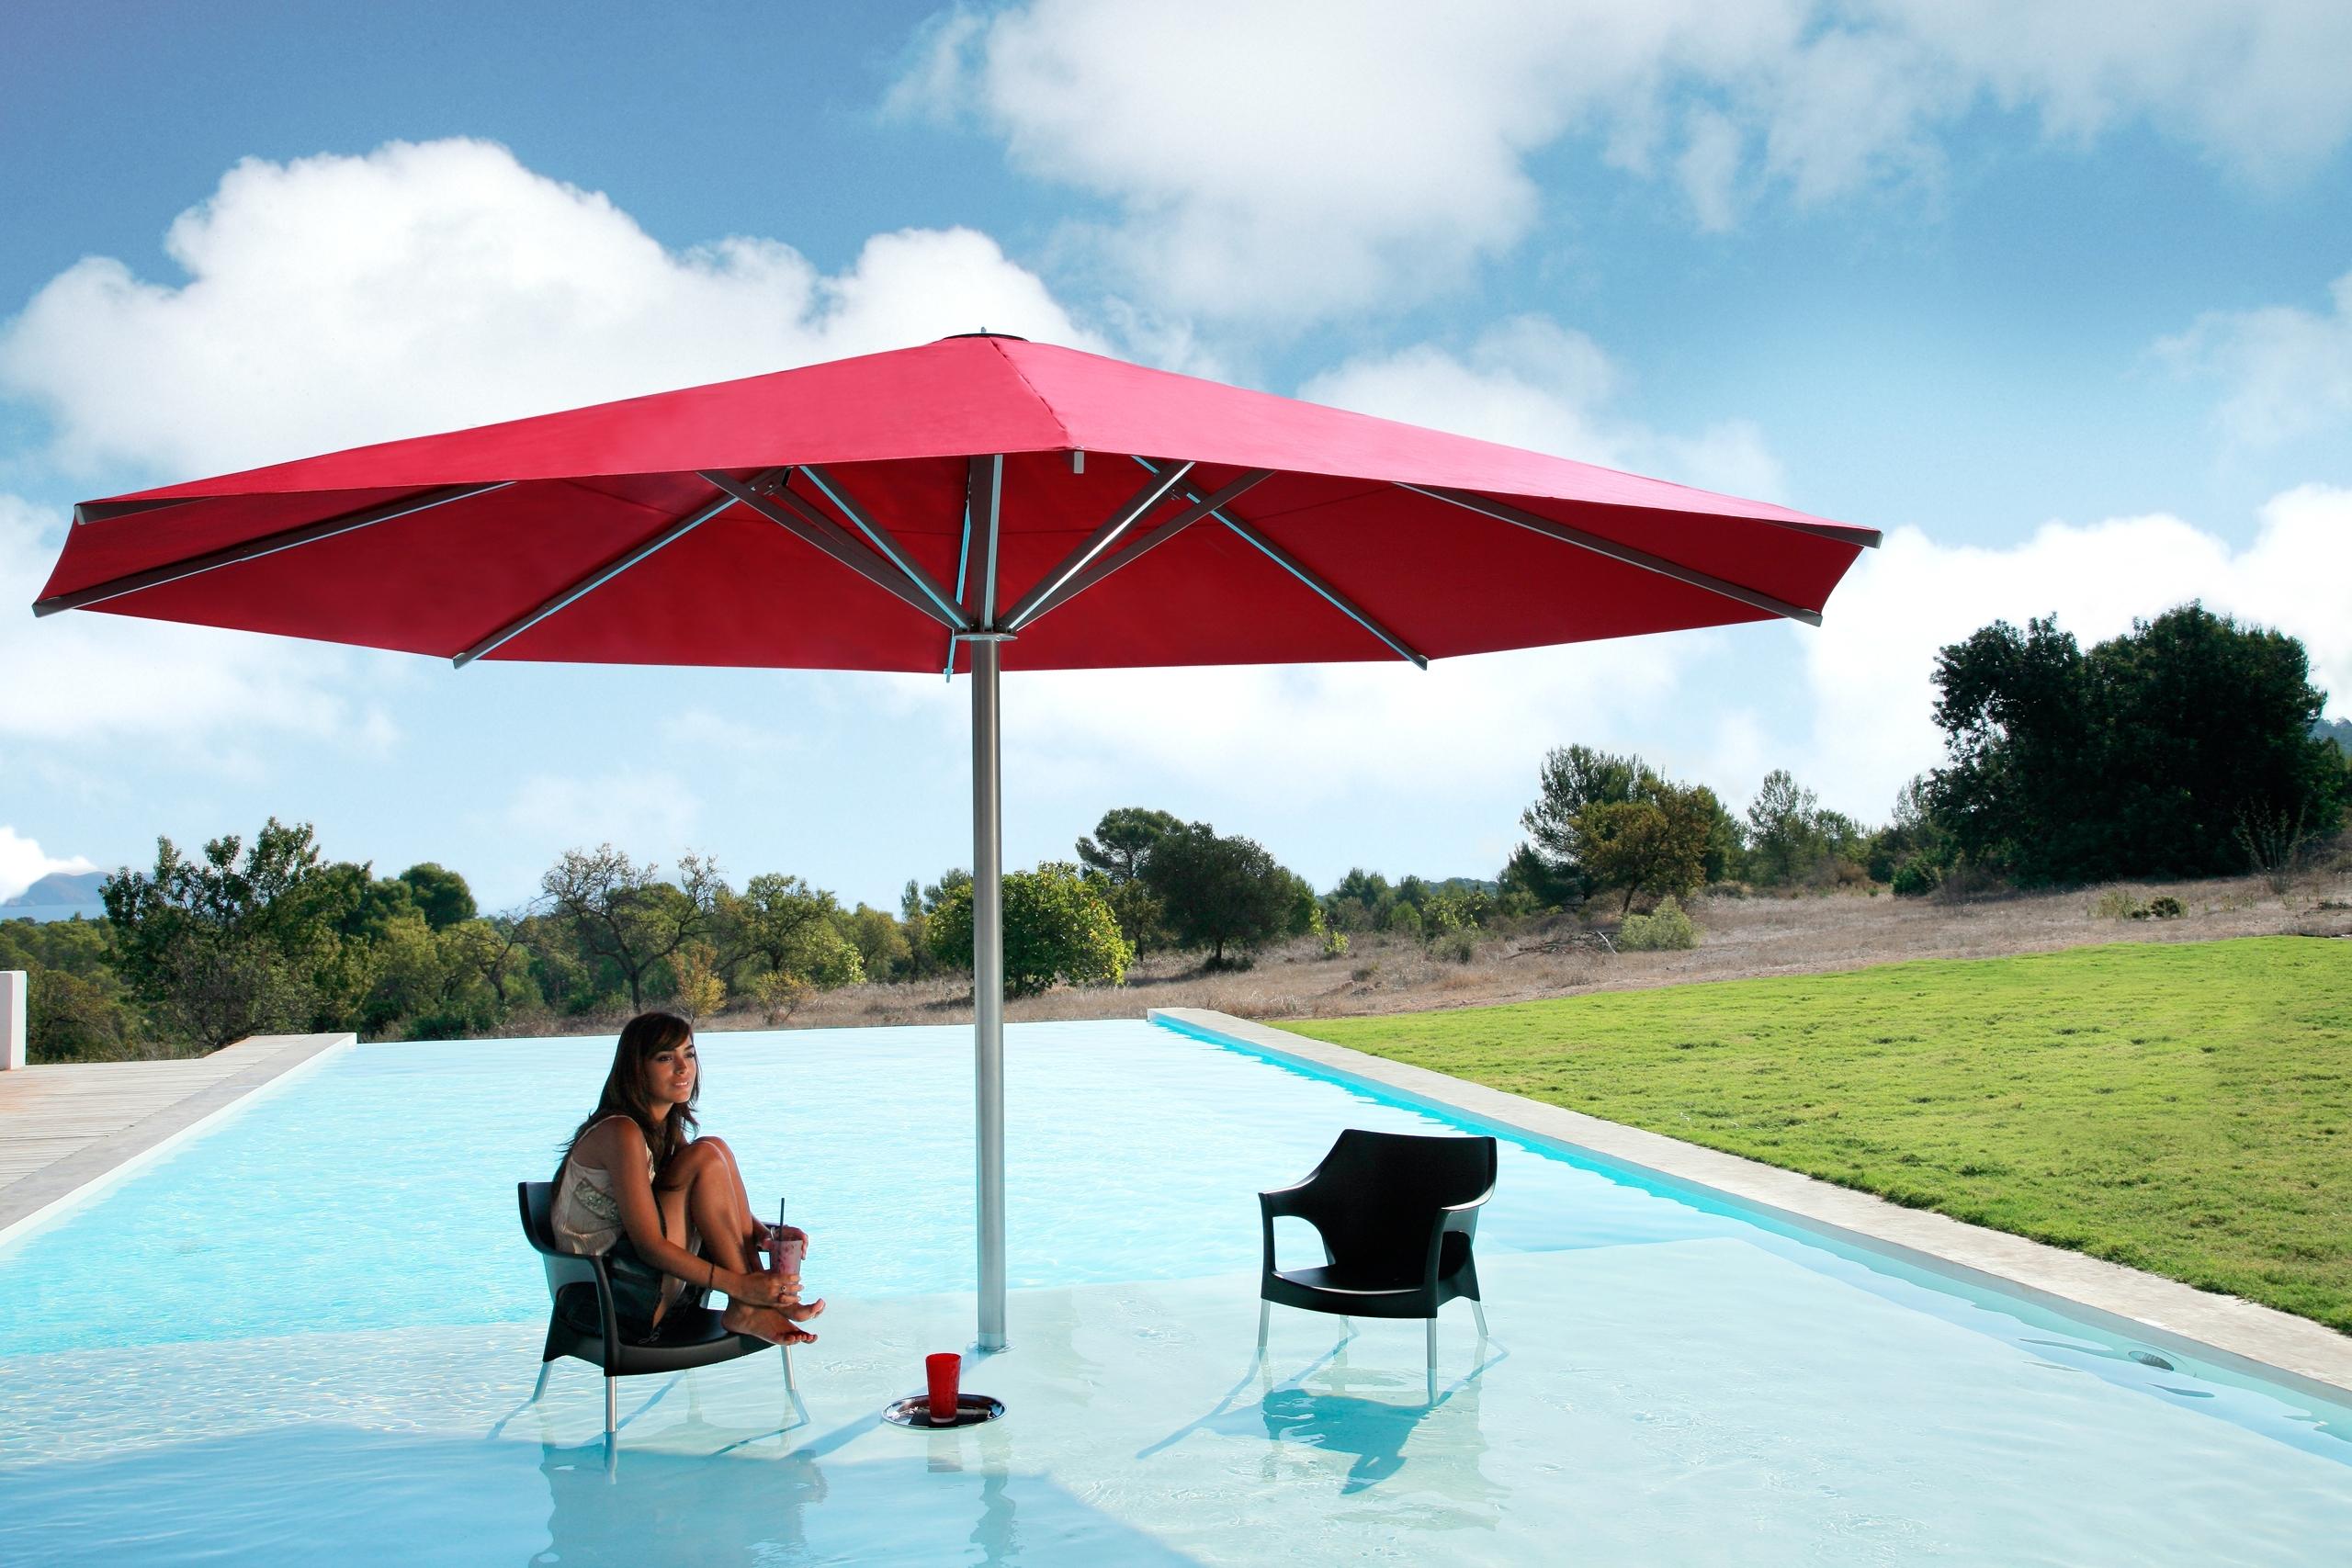 Most Current Giant Patio Umbrellas Regarding Round Dimension For Giant Patio Umbrellas (View 20 of 20)